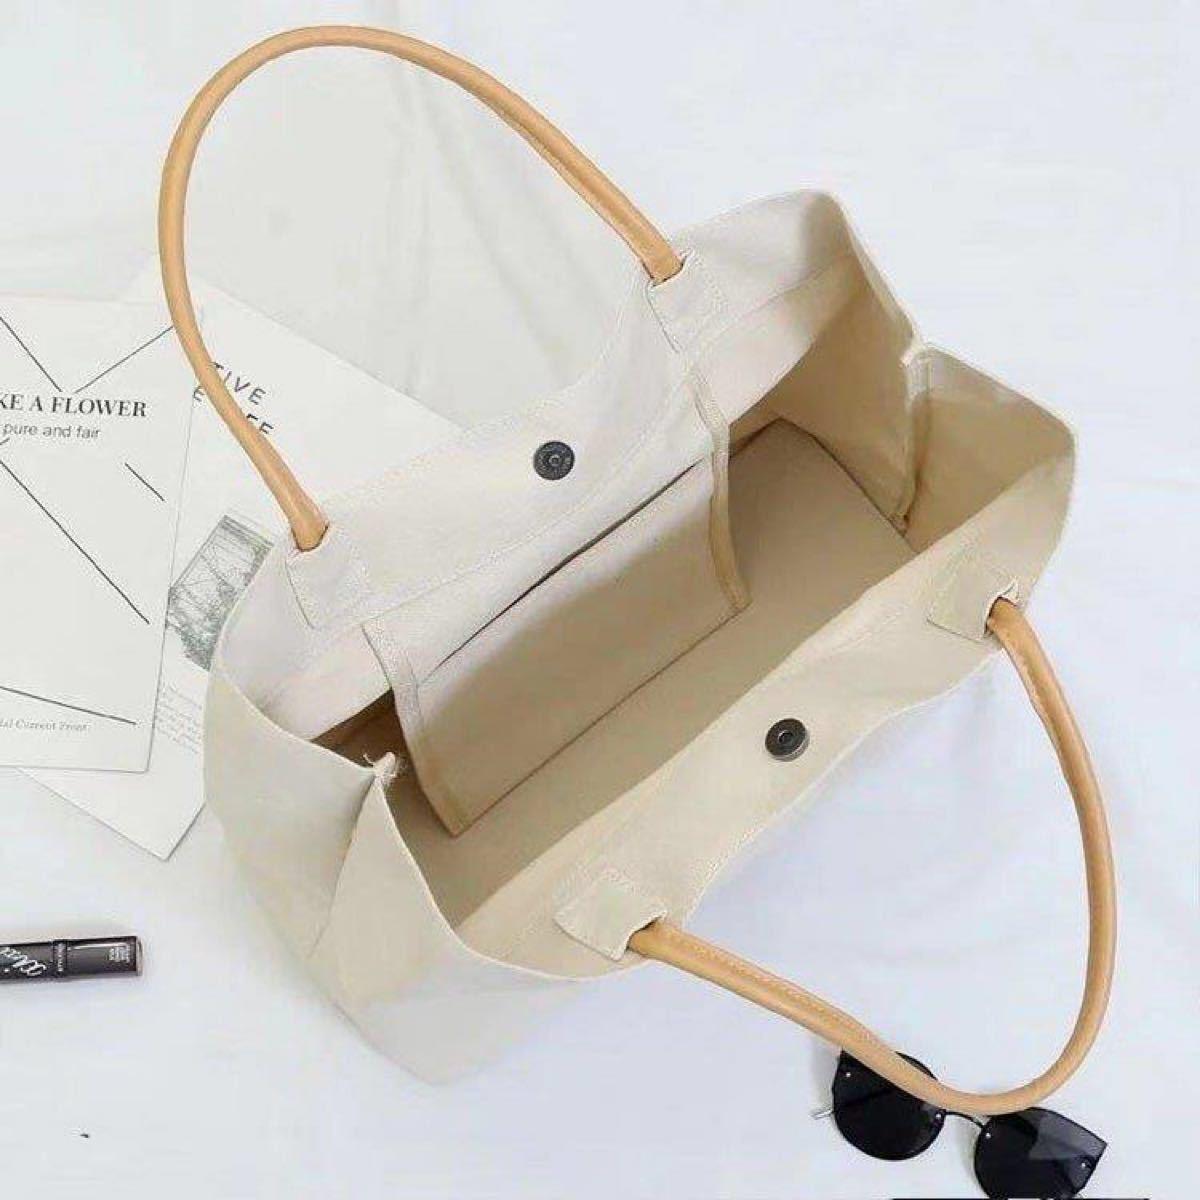 トートバッグ レディース 布 キャンバス 生地 大容量 シンプル エコバッグ ホワイト